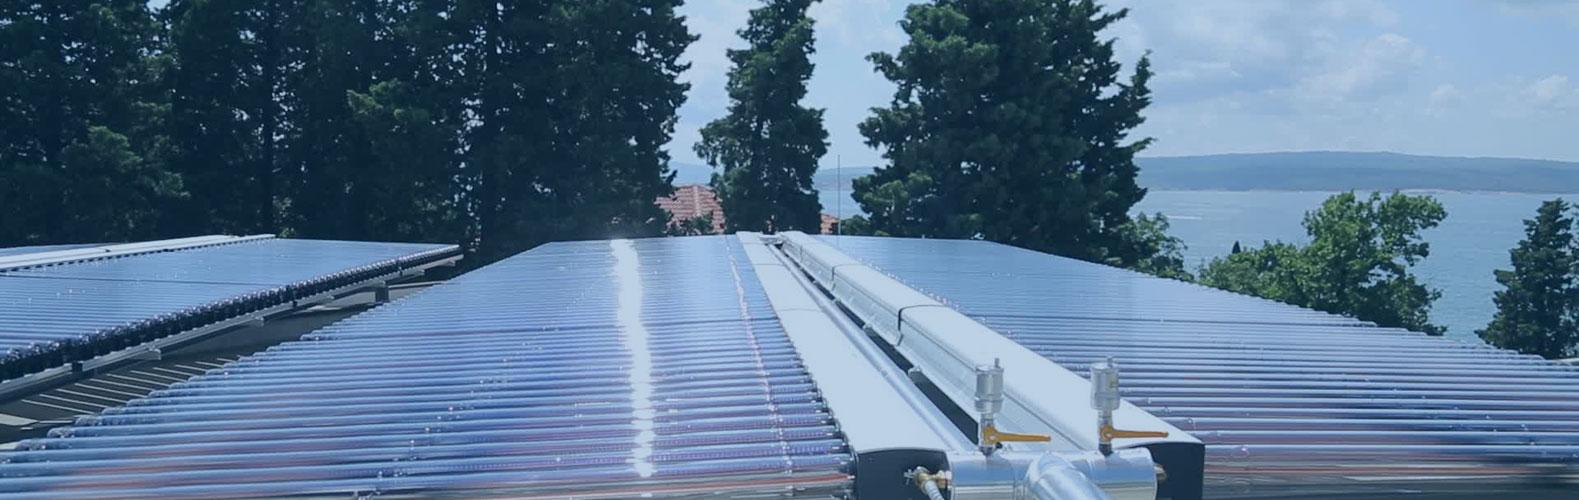 Projektima energetske učinkovitosti i<br />obnovljivih izvora energije mijenjamo<br />energetsku sliku naše županije